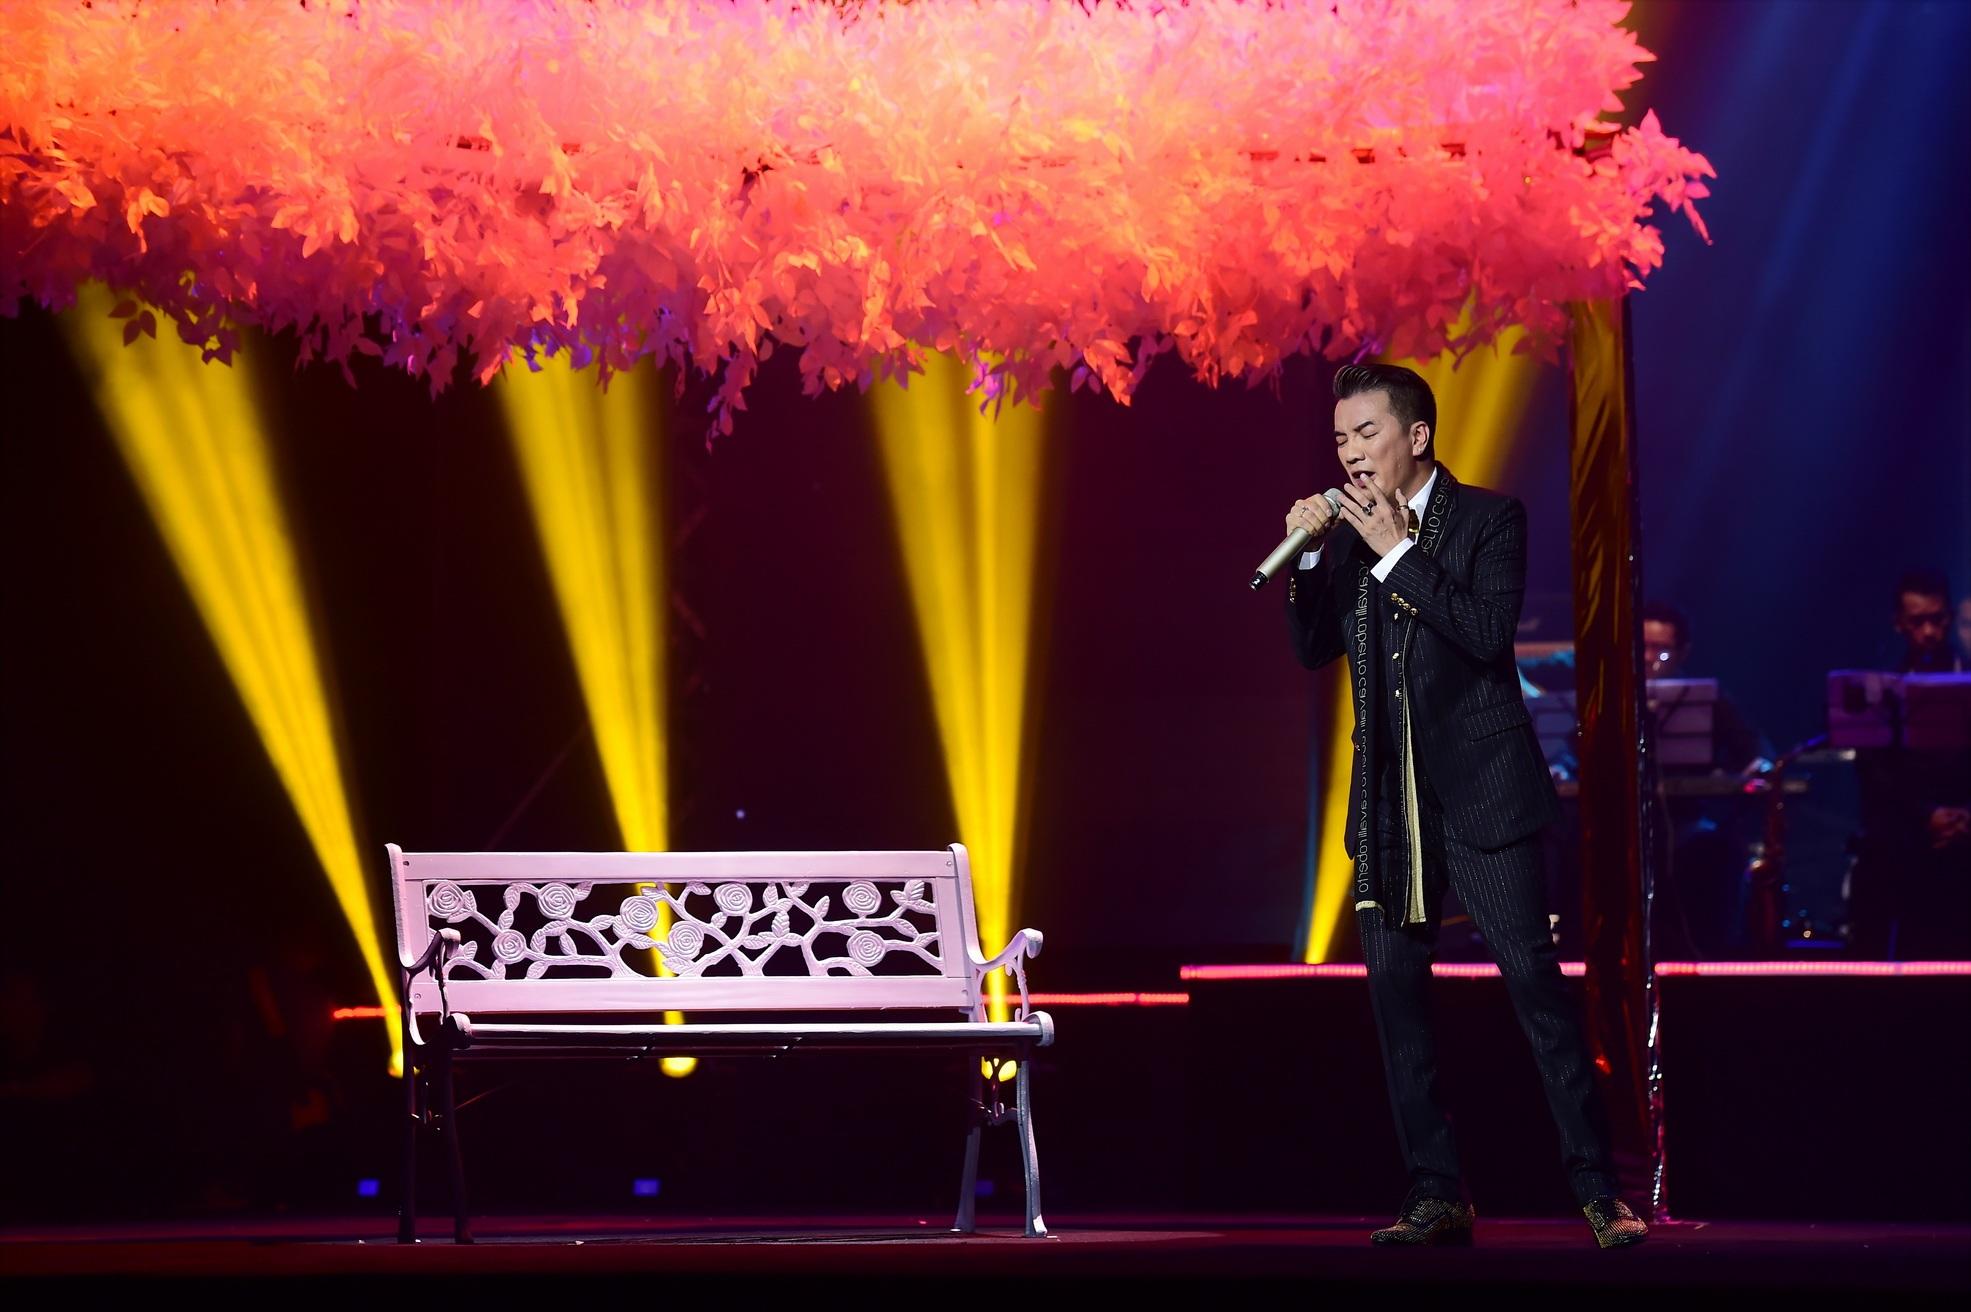 Anh cũng rất nồng nàn và quyết liệt với những tình khúc đậm dấu ấn Việt Anh nhưng được khoác lên phong cách riêng với chất giọng đặc biệt của Đàm Vĩnh Hưng.